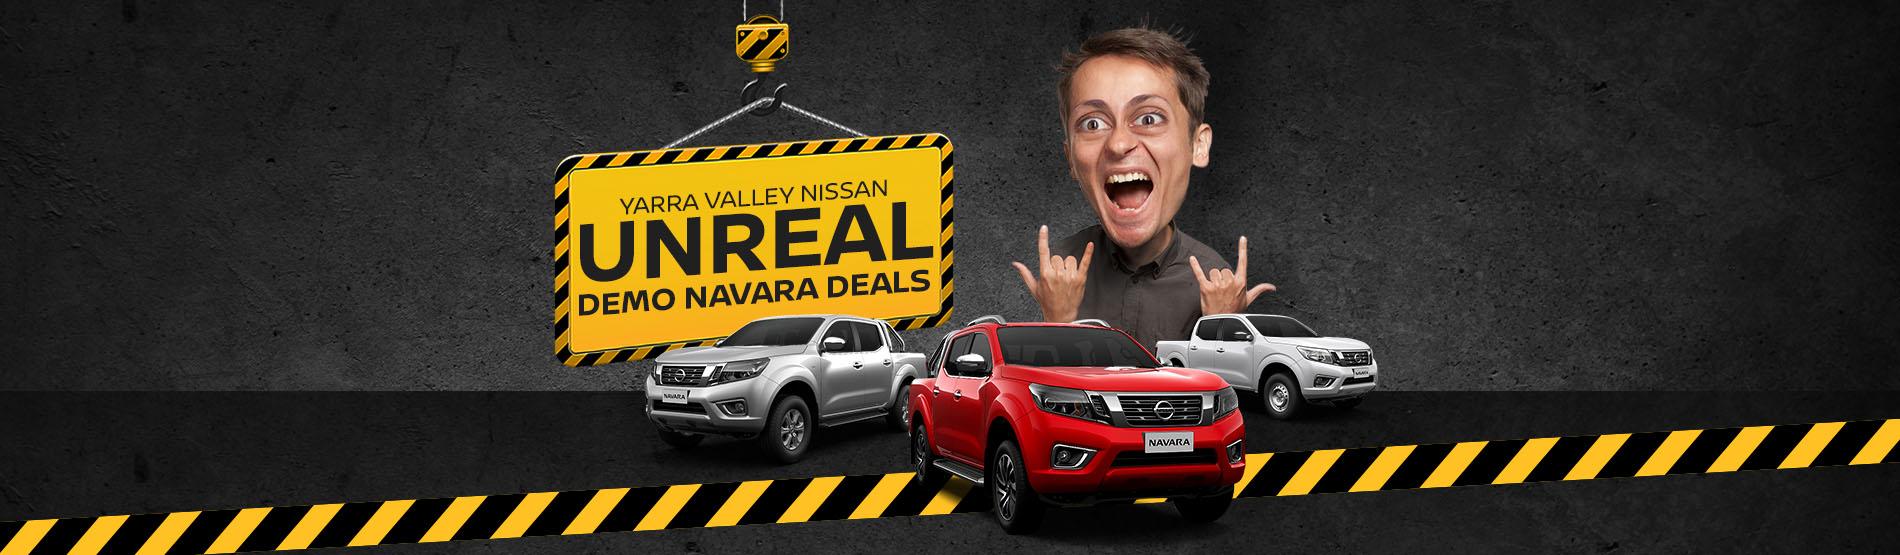 Yarra Valley Nissan - Unreal Demo Navara Deals